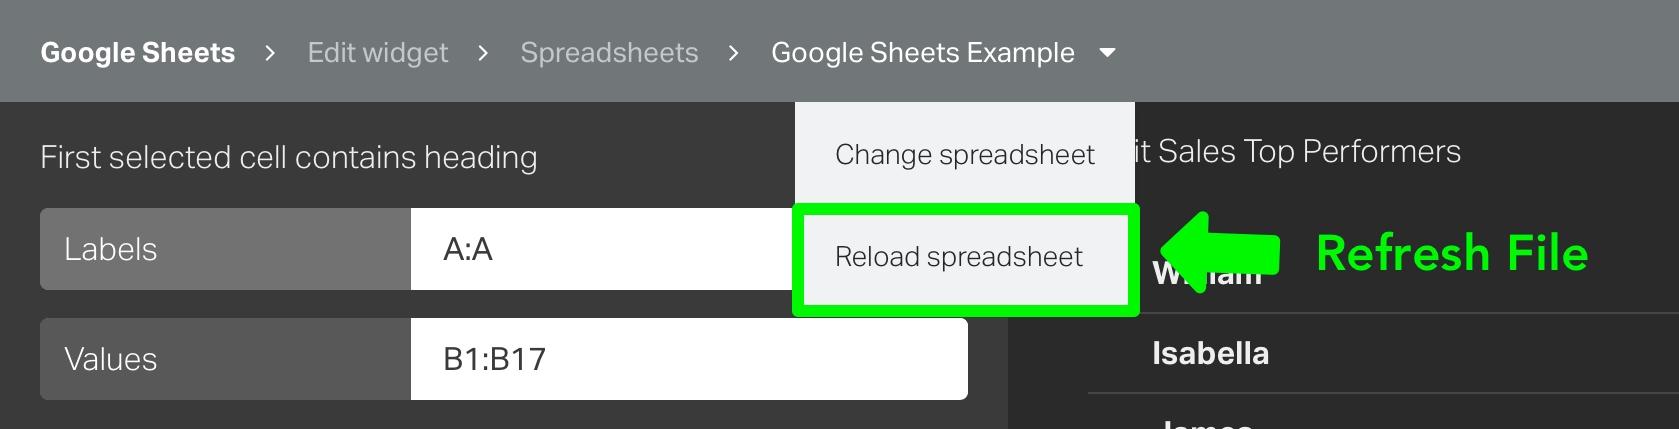 Reload_spreadsheet.jpg